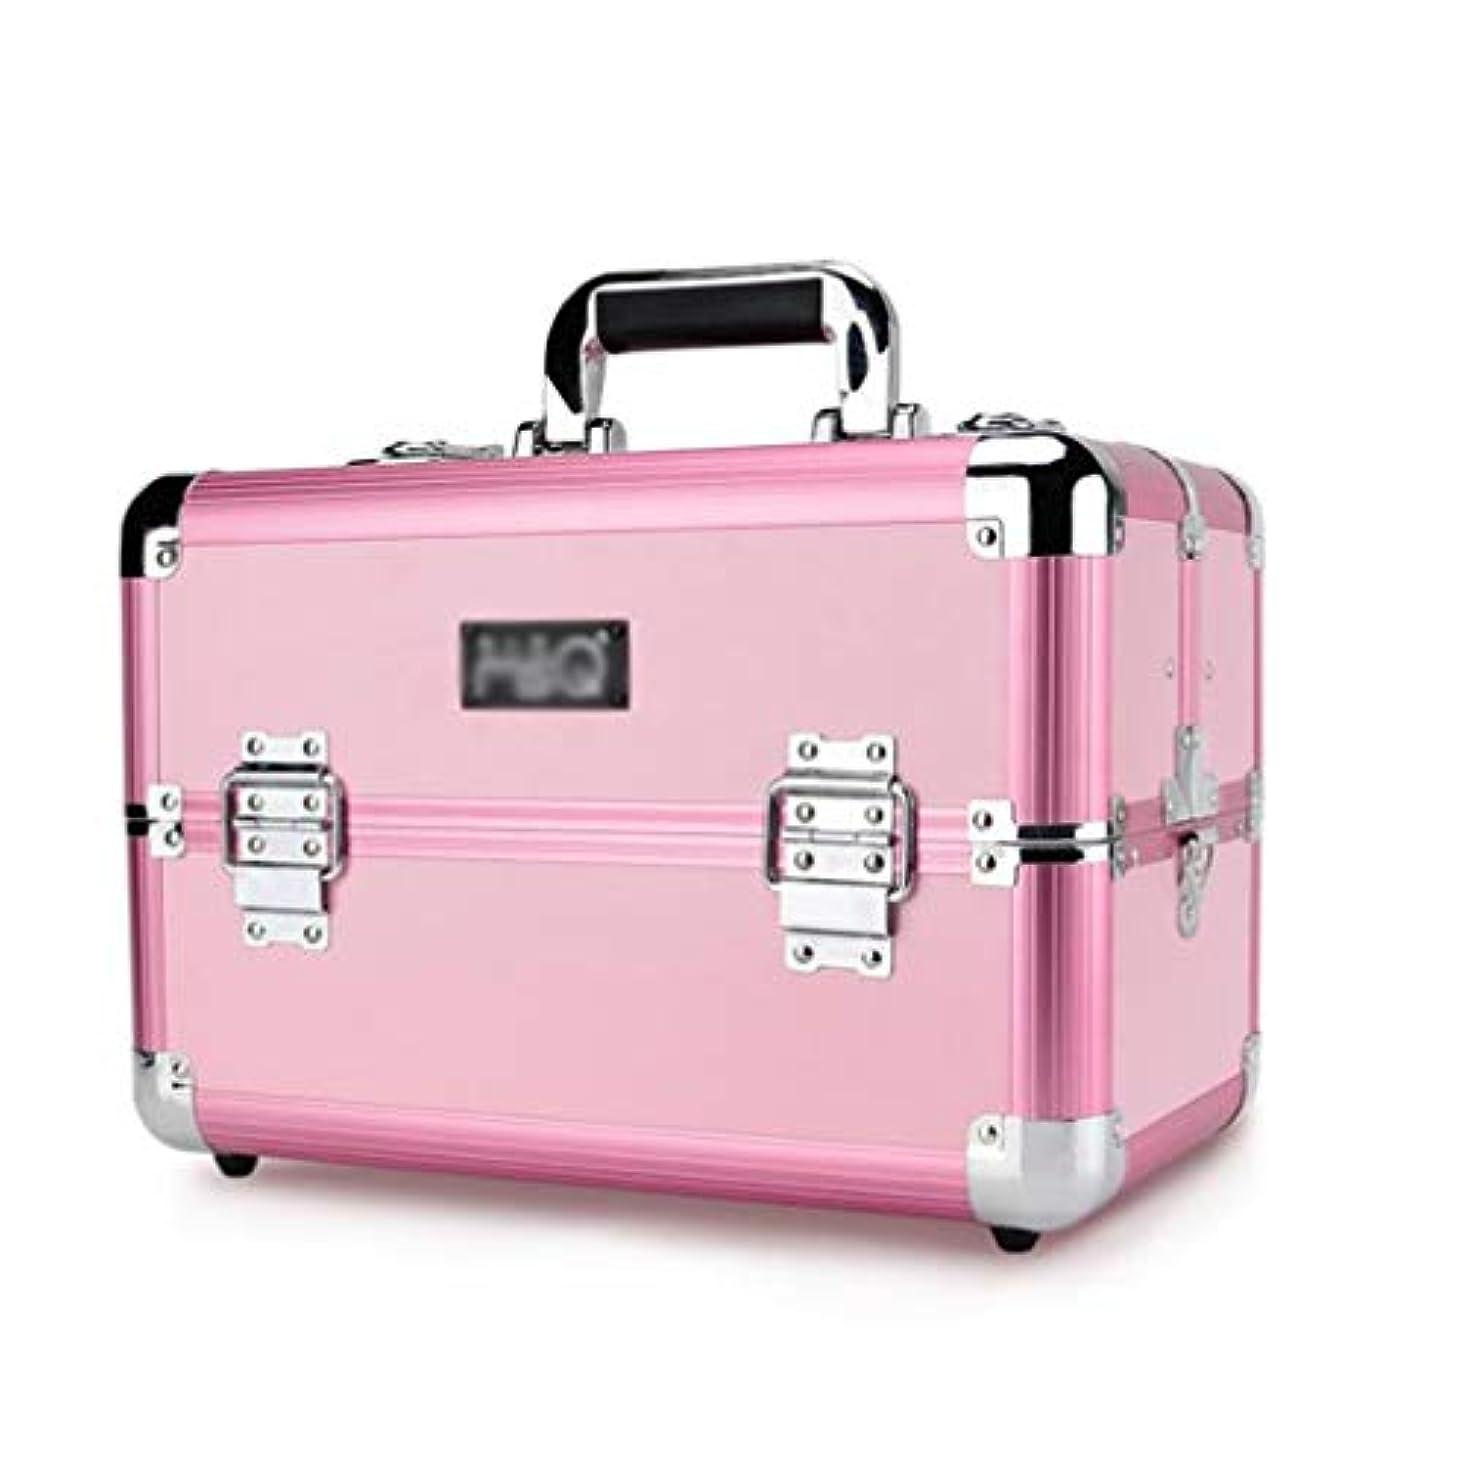 過度のピット日曜日BUMC プロのアルミ化粧品ケースメイクアップトロリー列車テーブル虚栄心のための美容師特大旅行ジュエリーボックスオーガナイザー,Pink